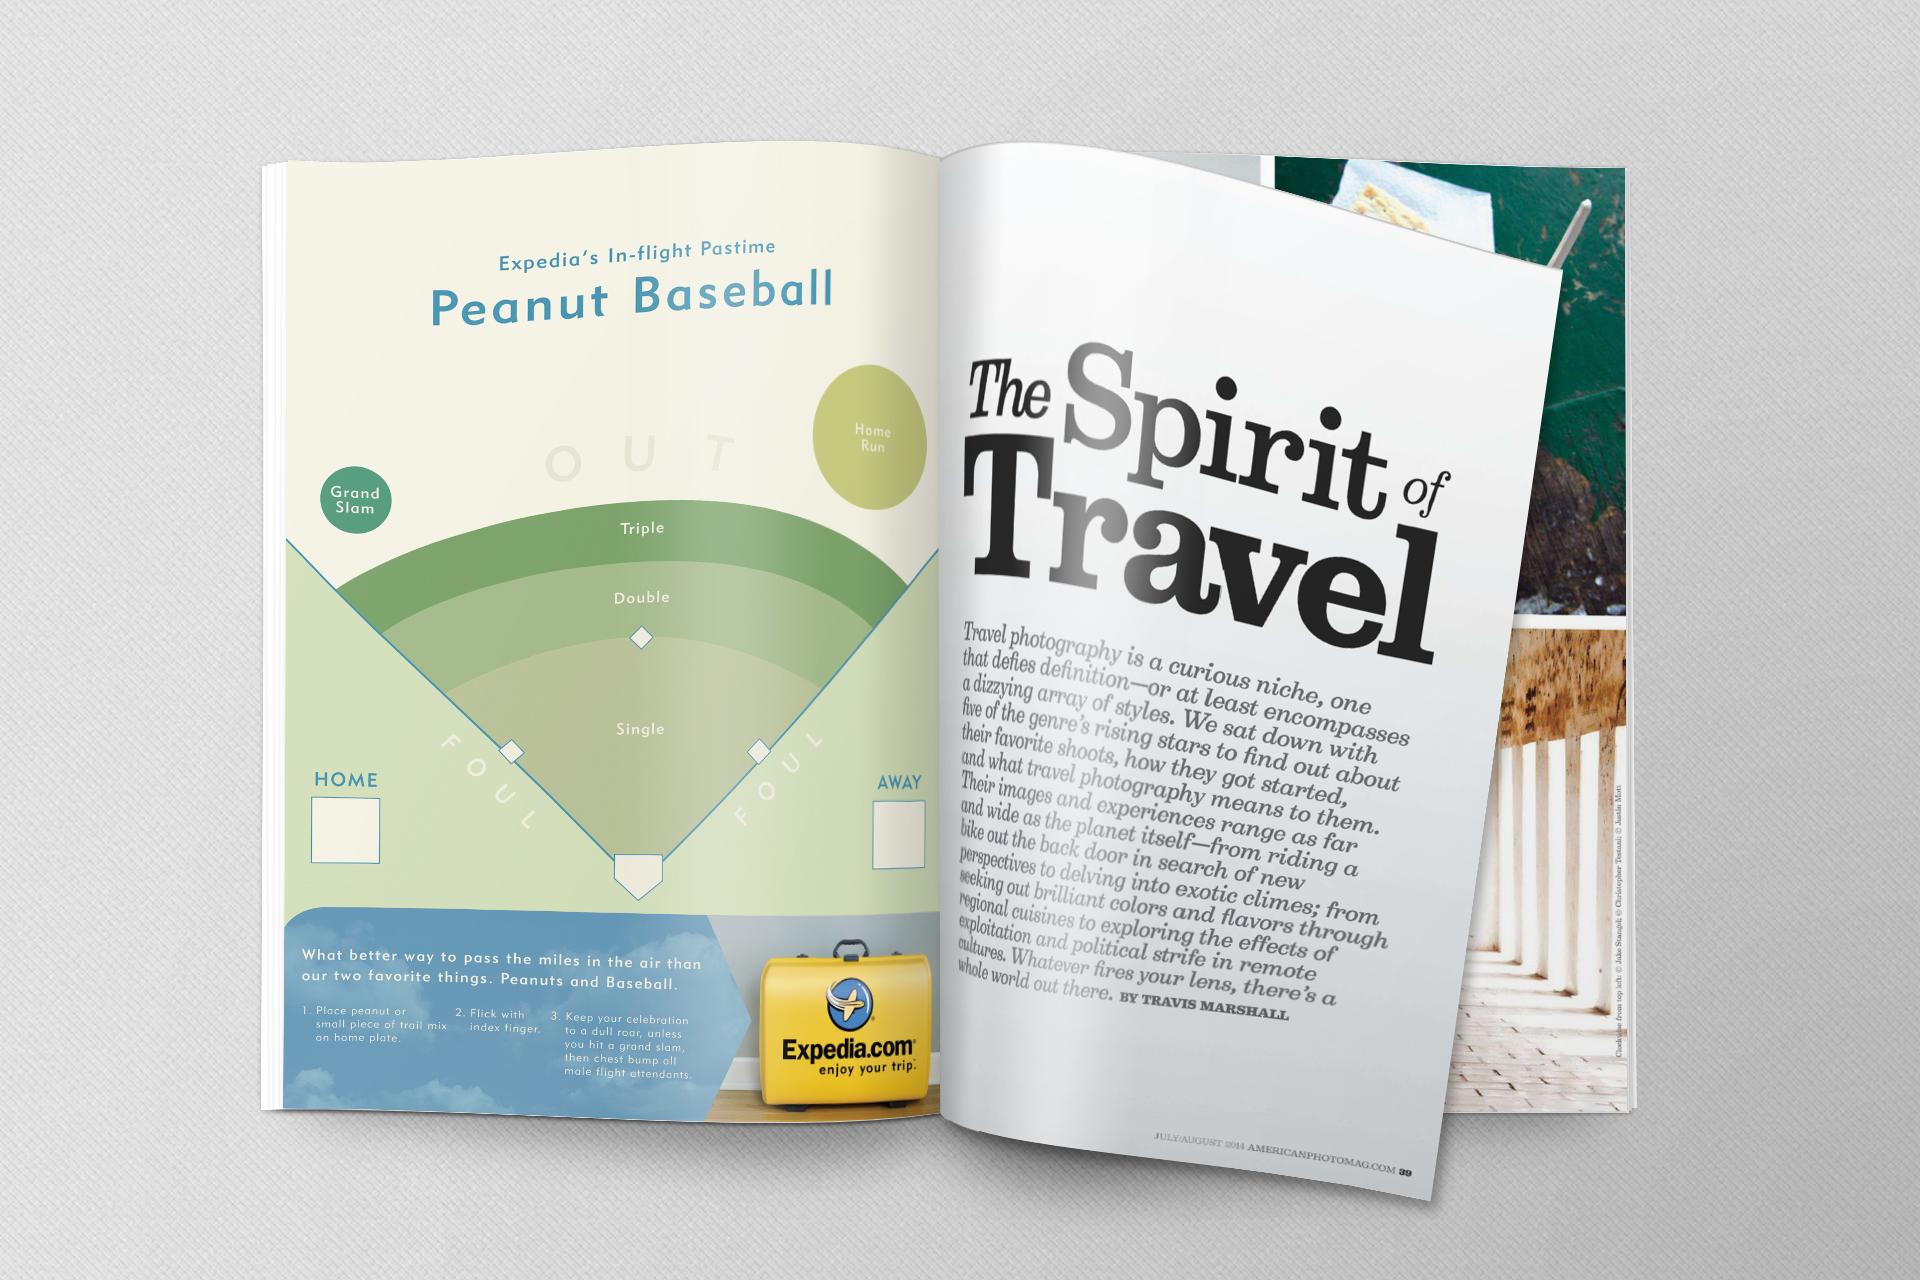 Expedia Print_Peanut Baseball.jpg